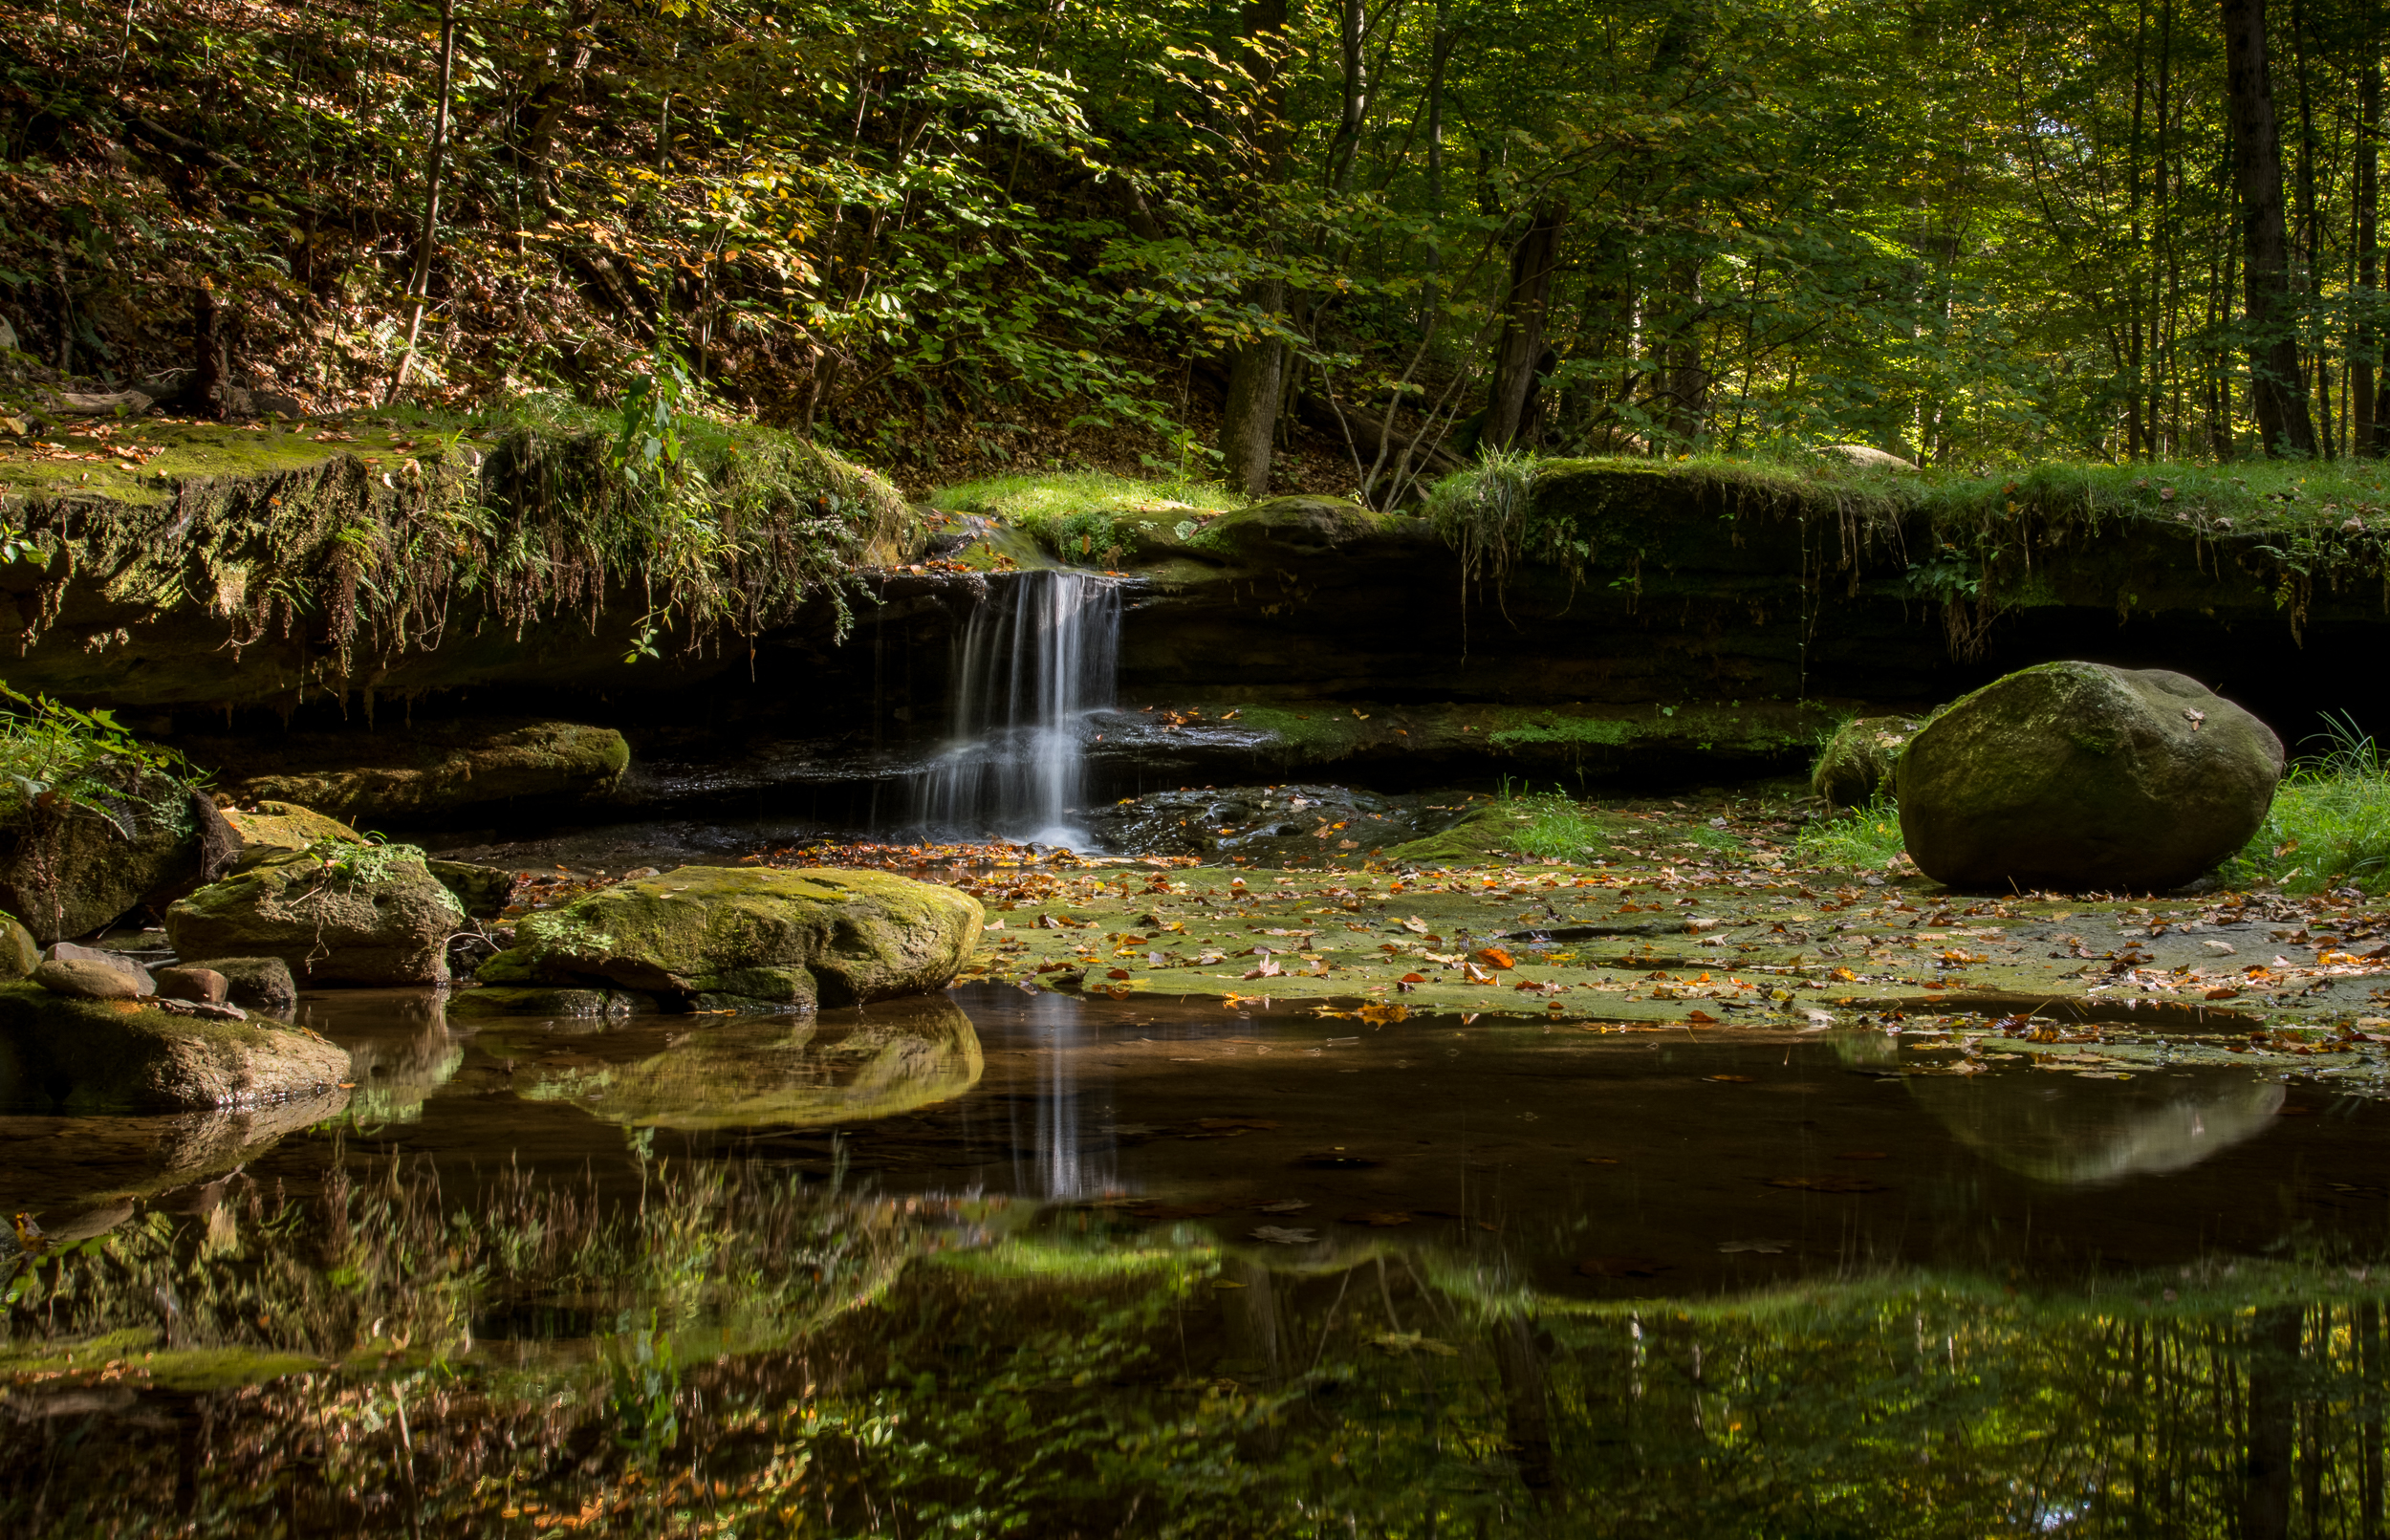 Camp Mowana Fall Falls  Nikon D610 ISO 800 38mm f/22 1/10 sec. HDR